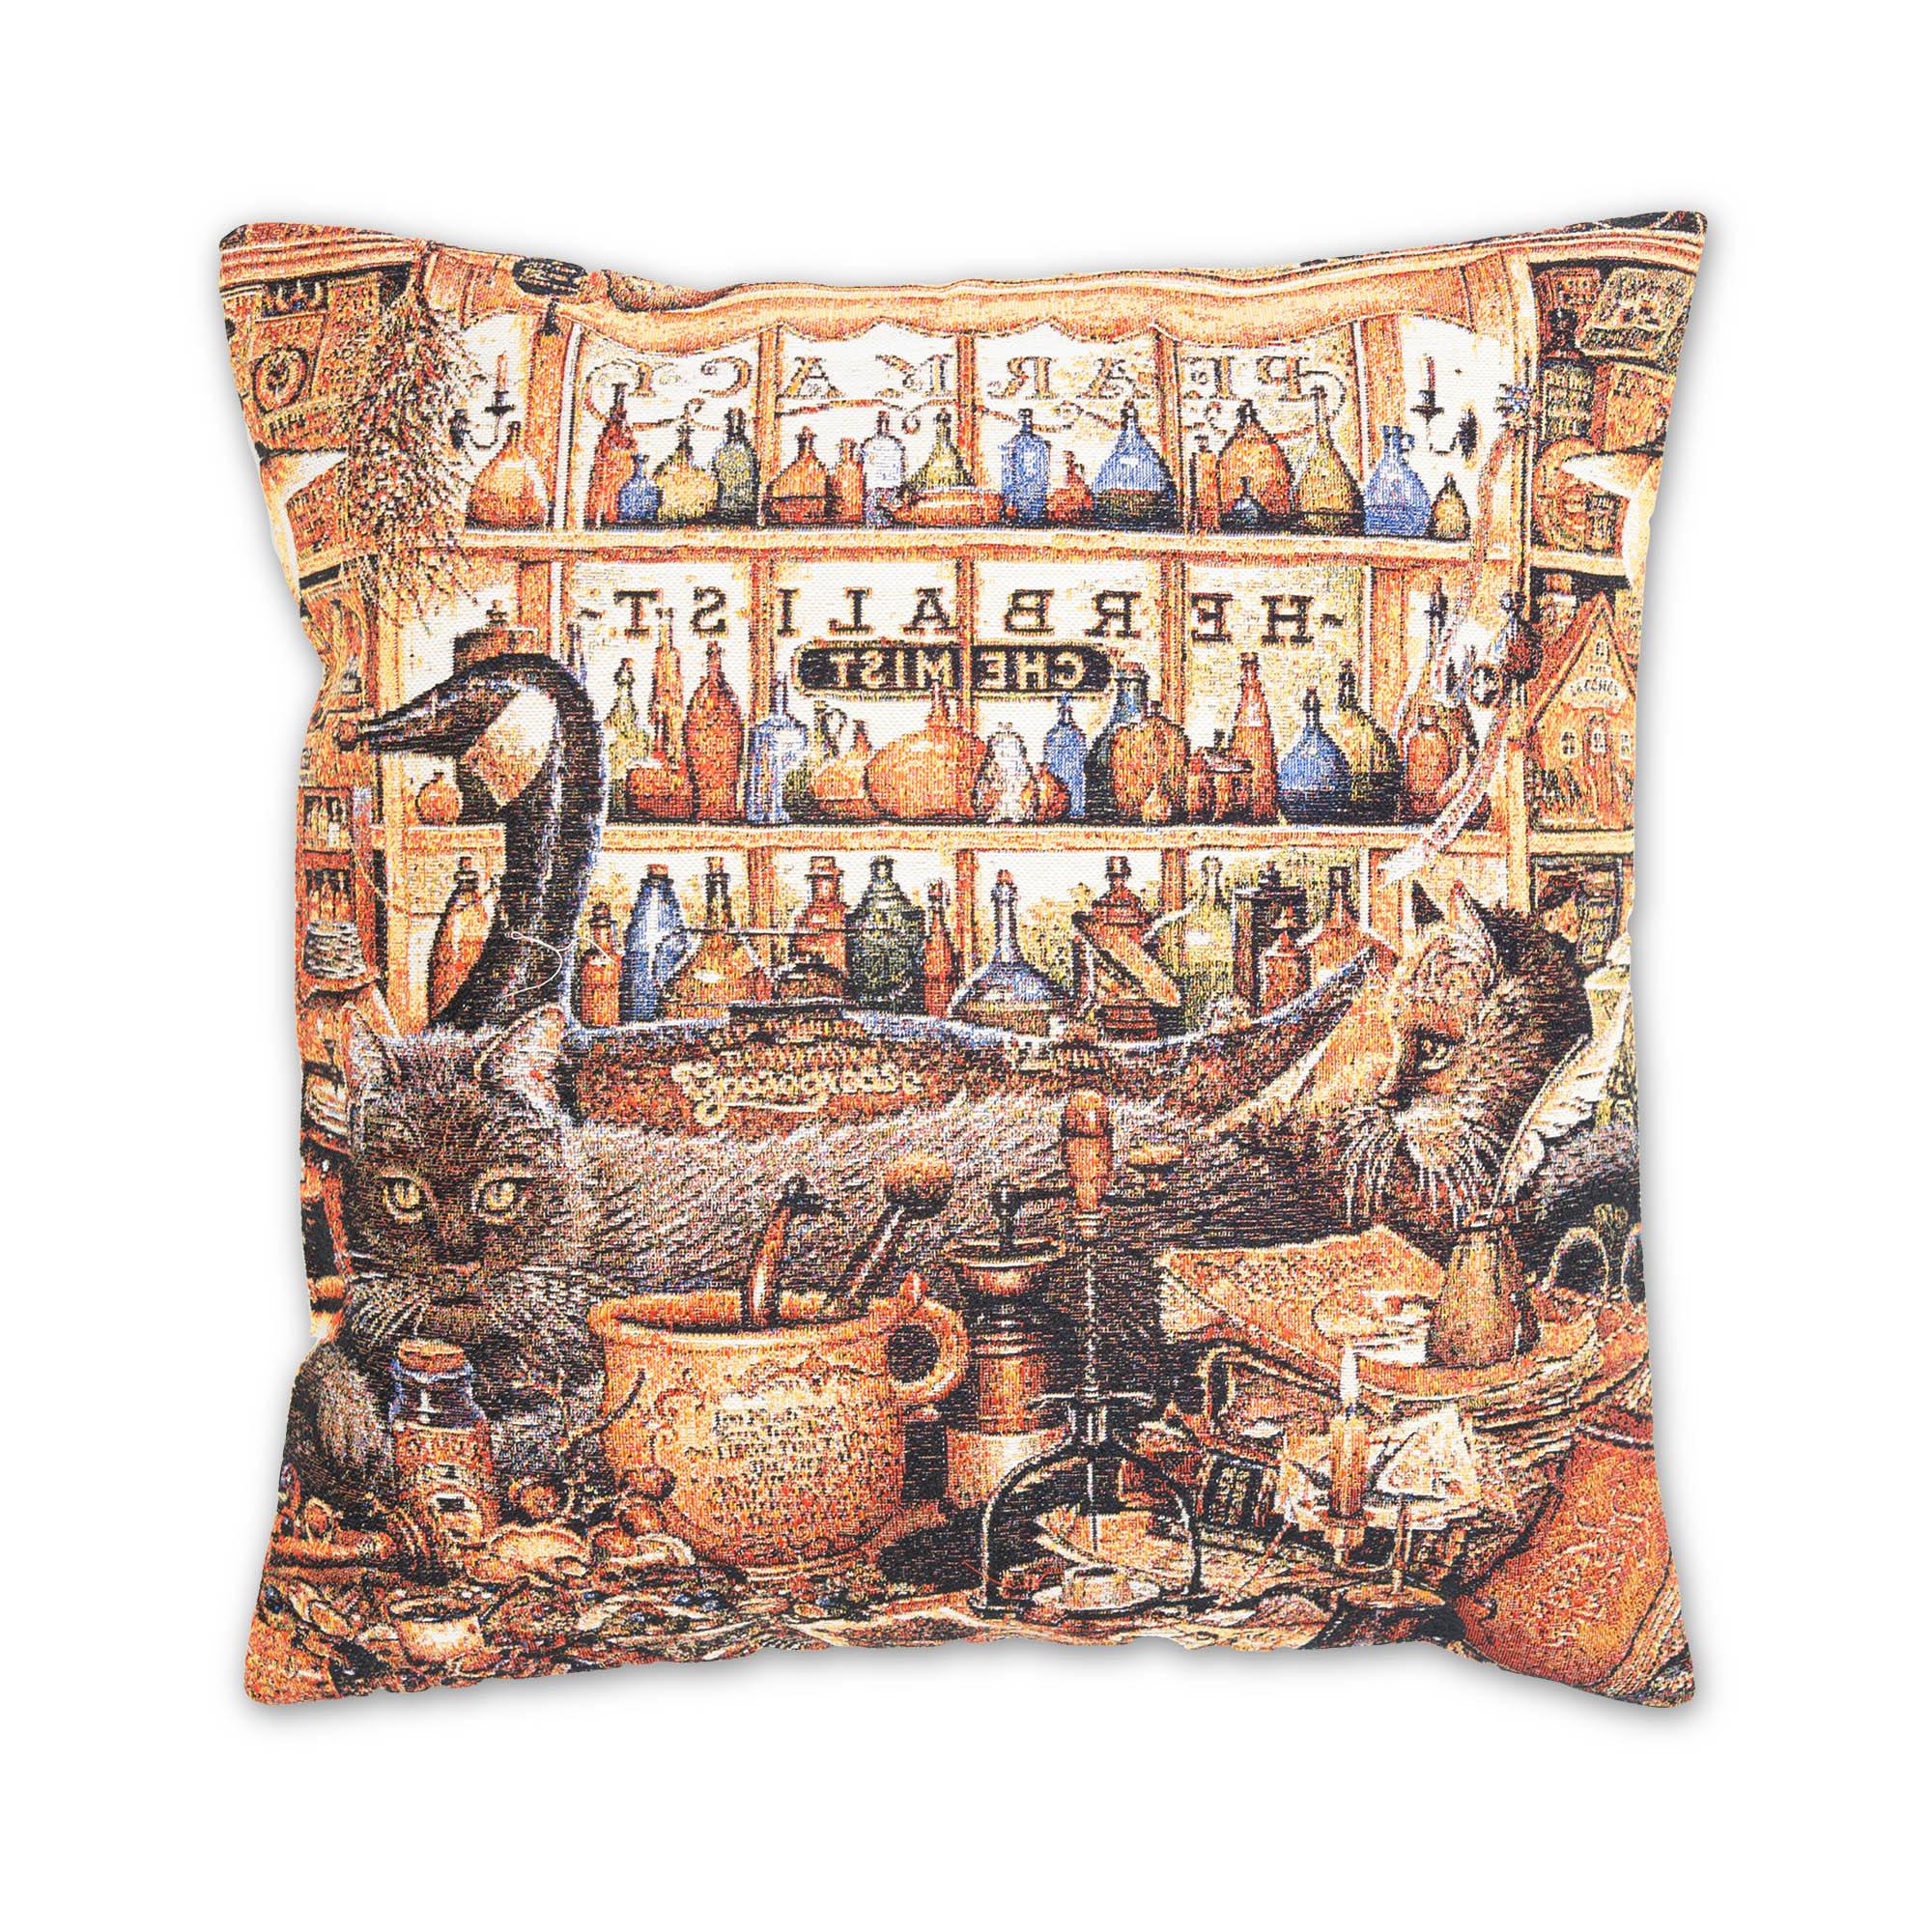 Декоративные подушки A La Gobelin Декоративная подушка Кот Алхимик (45х45) декоративные подушки оранжевый кот подушка игрушка медведь чистые погоны чистая совесть